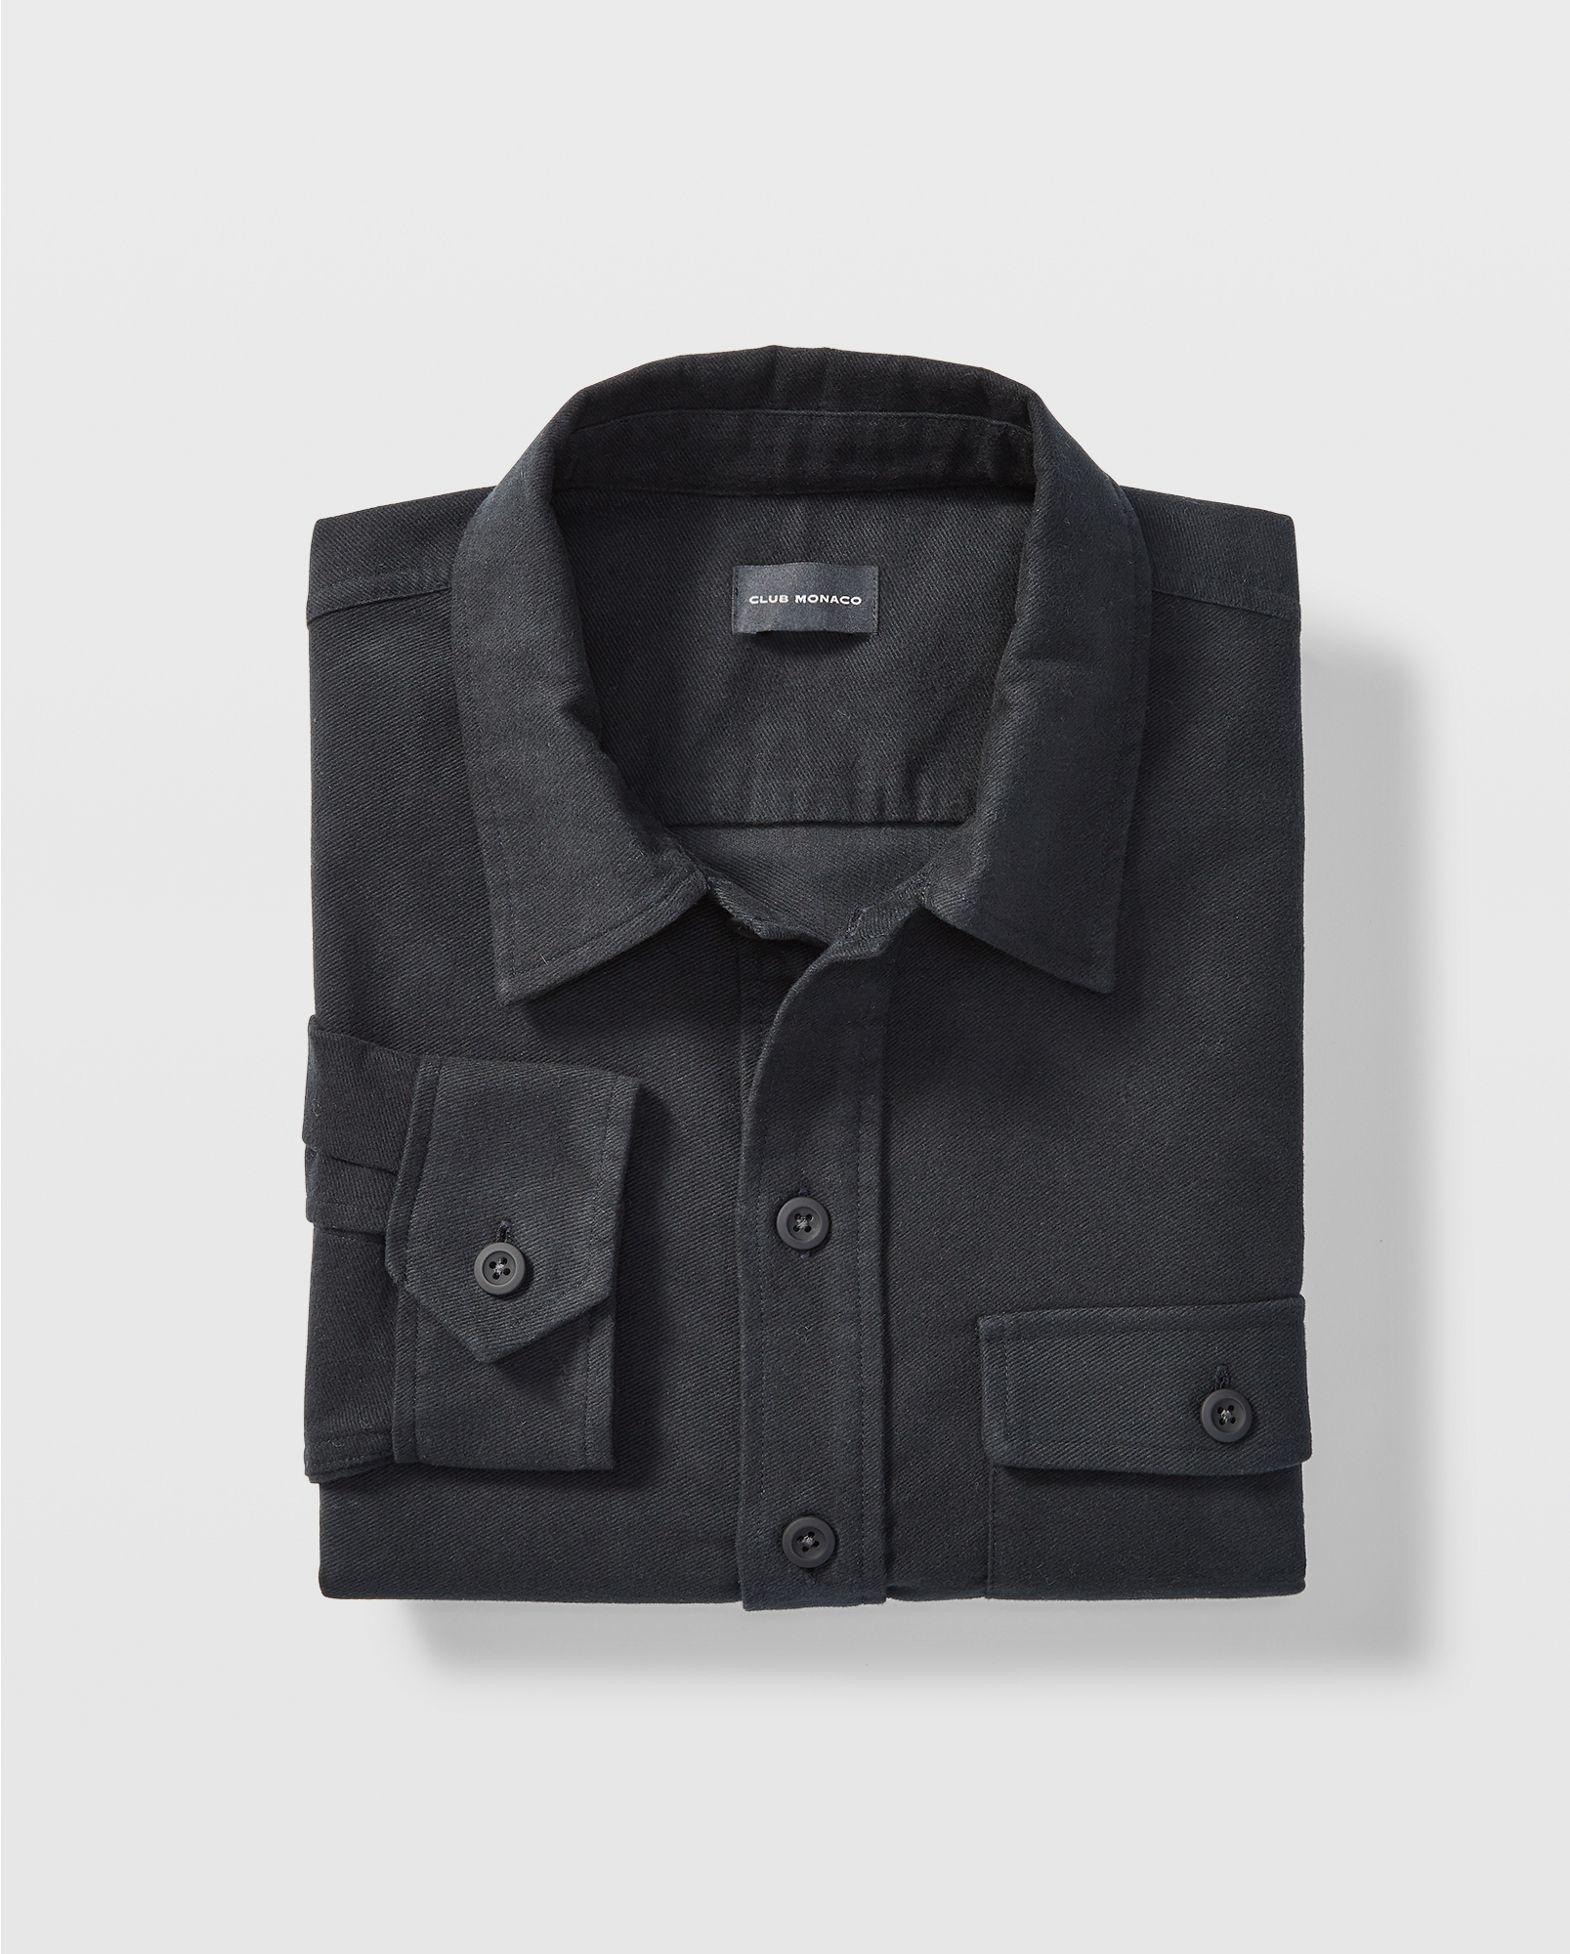 Moleskin Overshirt